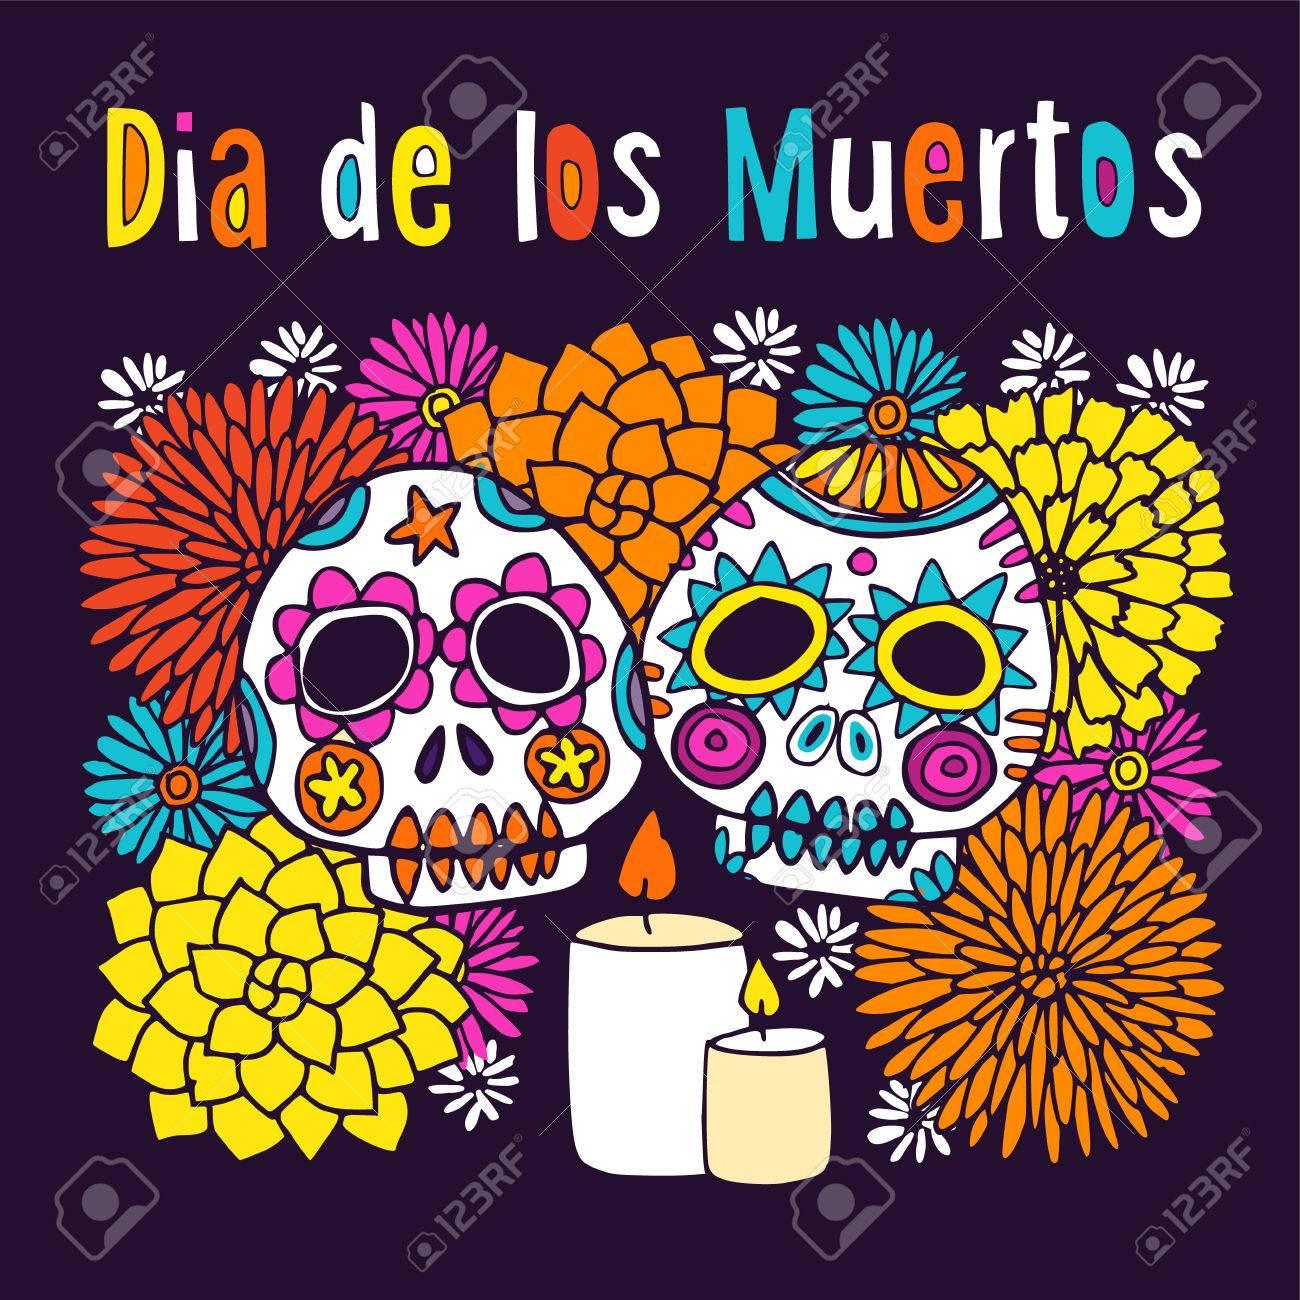 Dia de los muertos day of dead or halloween greeting card dia de los muertos day of dead or halloween greeting card invitation m4hsunfo